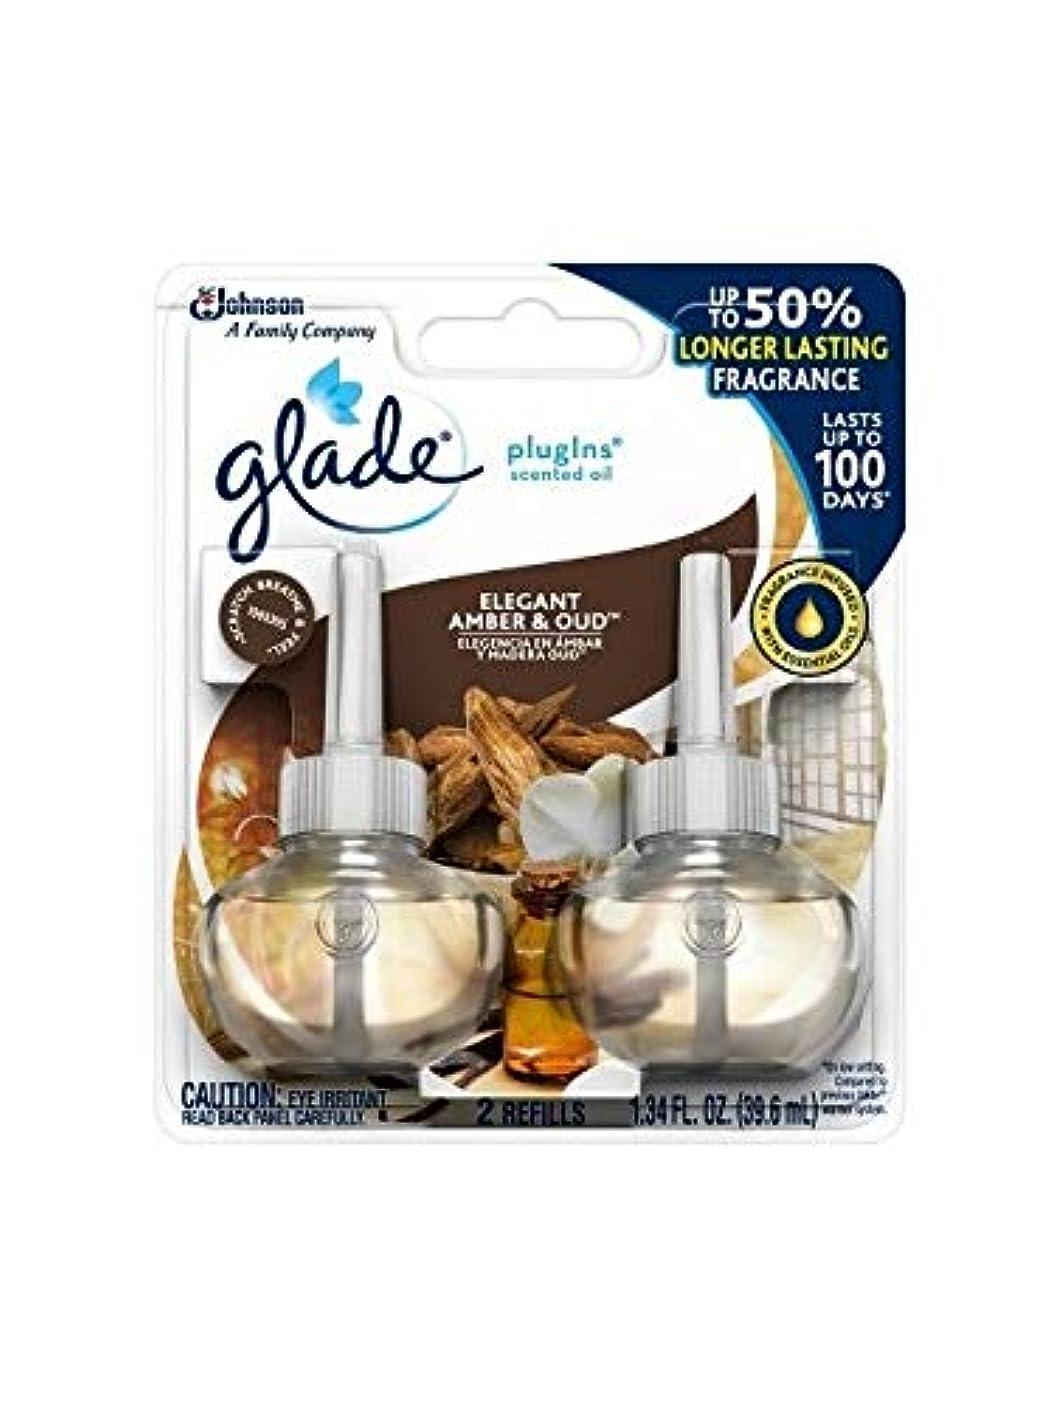 減衰頑張る箱【glade/グレード】 プラグインオイル 詰替え用リフィル(2個入り) エレガントアンバー&ウード Glade Plugins Scented Oil Elegant Amber & Oud 2 refills 1.34oz(39.6ml) [並行輸入品]